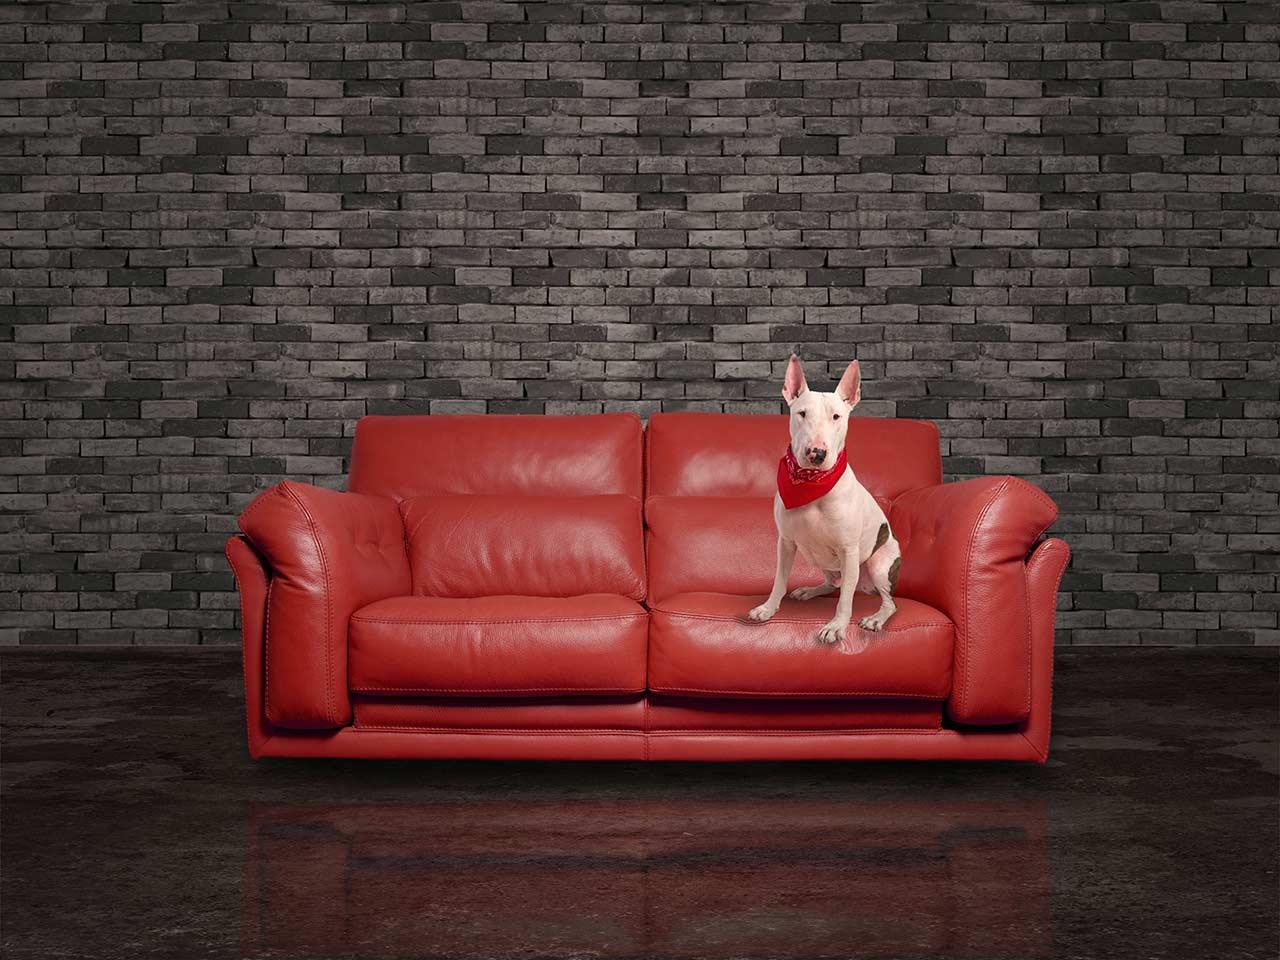 Un cane sopra un divano rosso in pelle